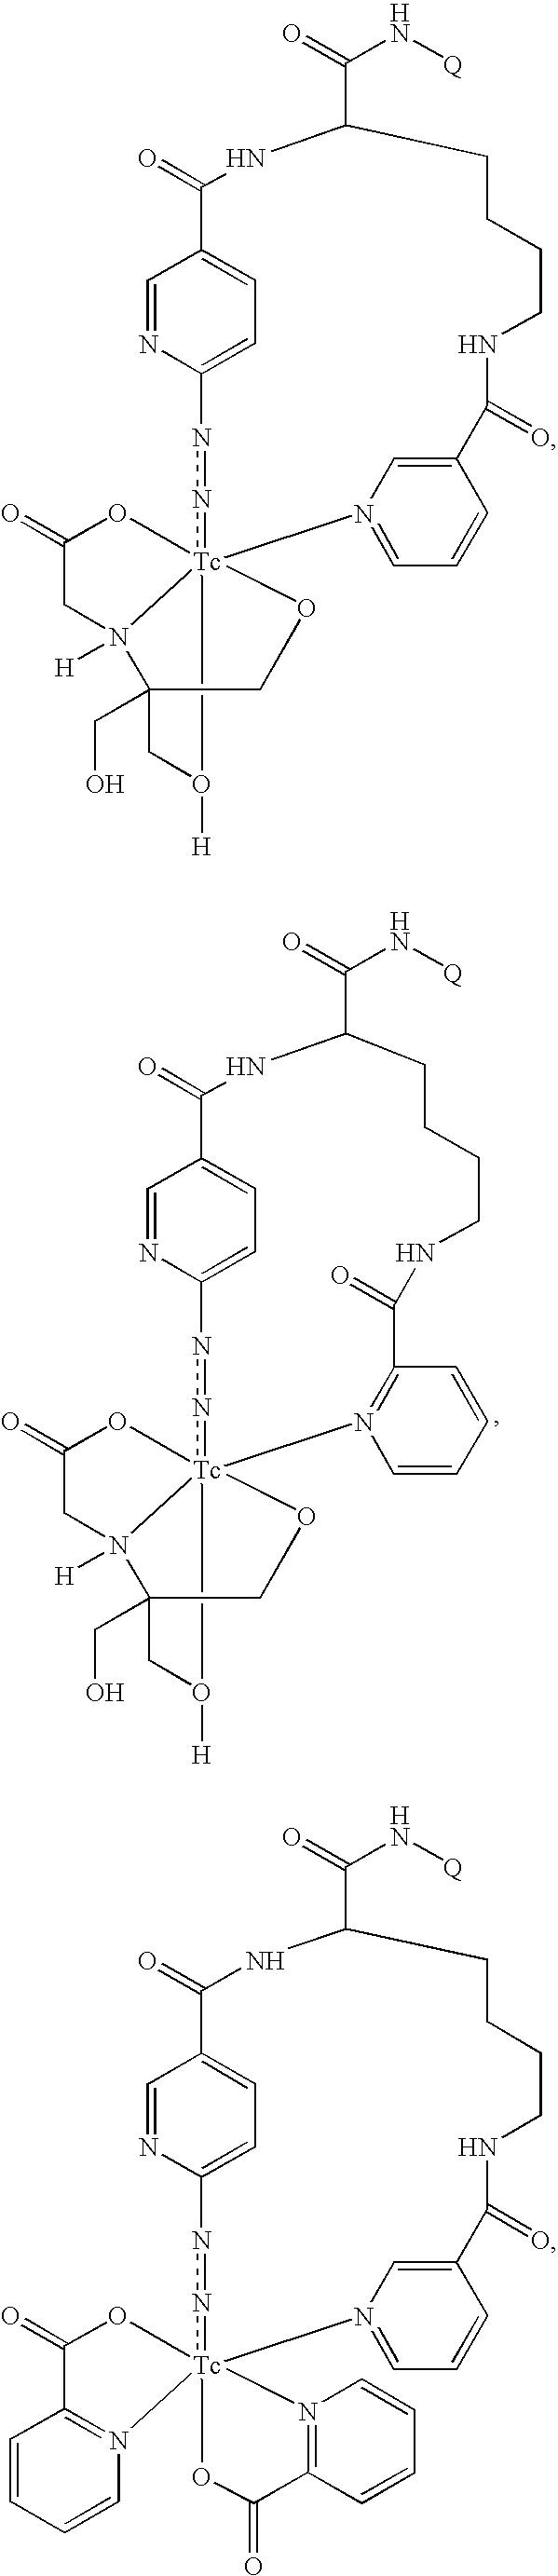 Figure US07319149-20080115-C00015